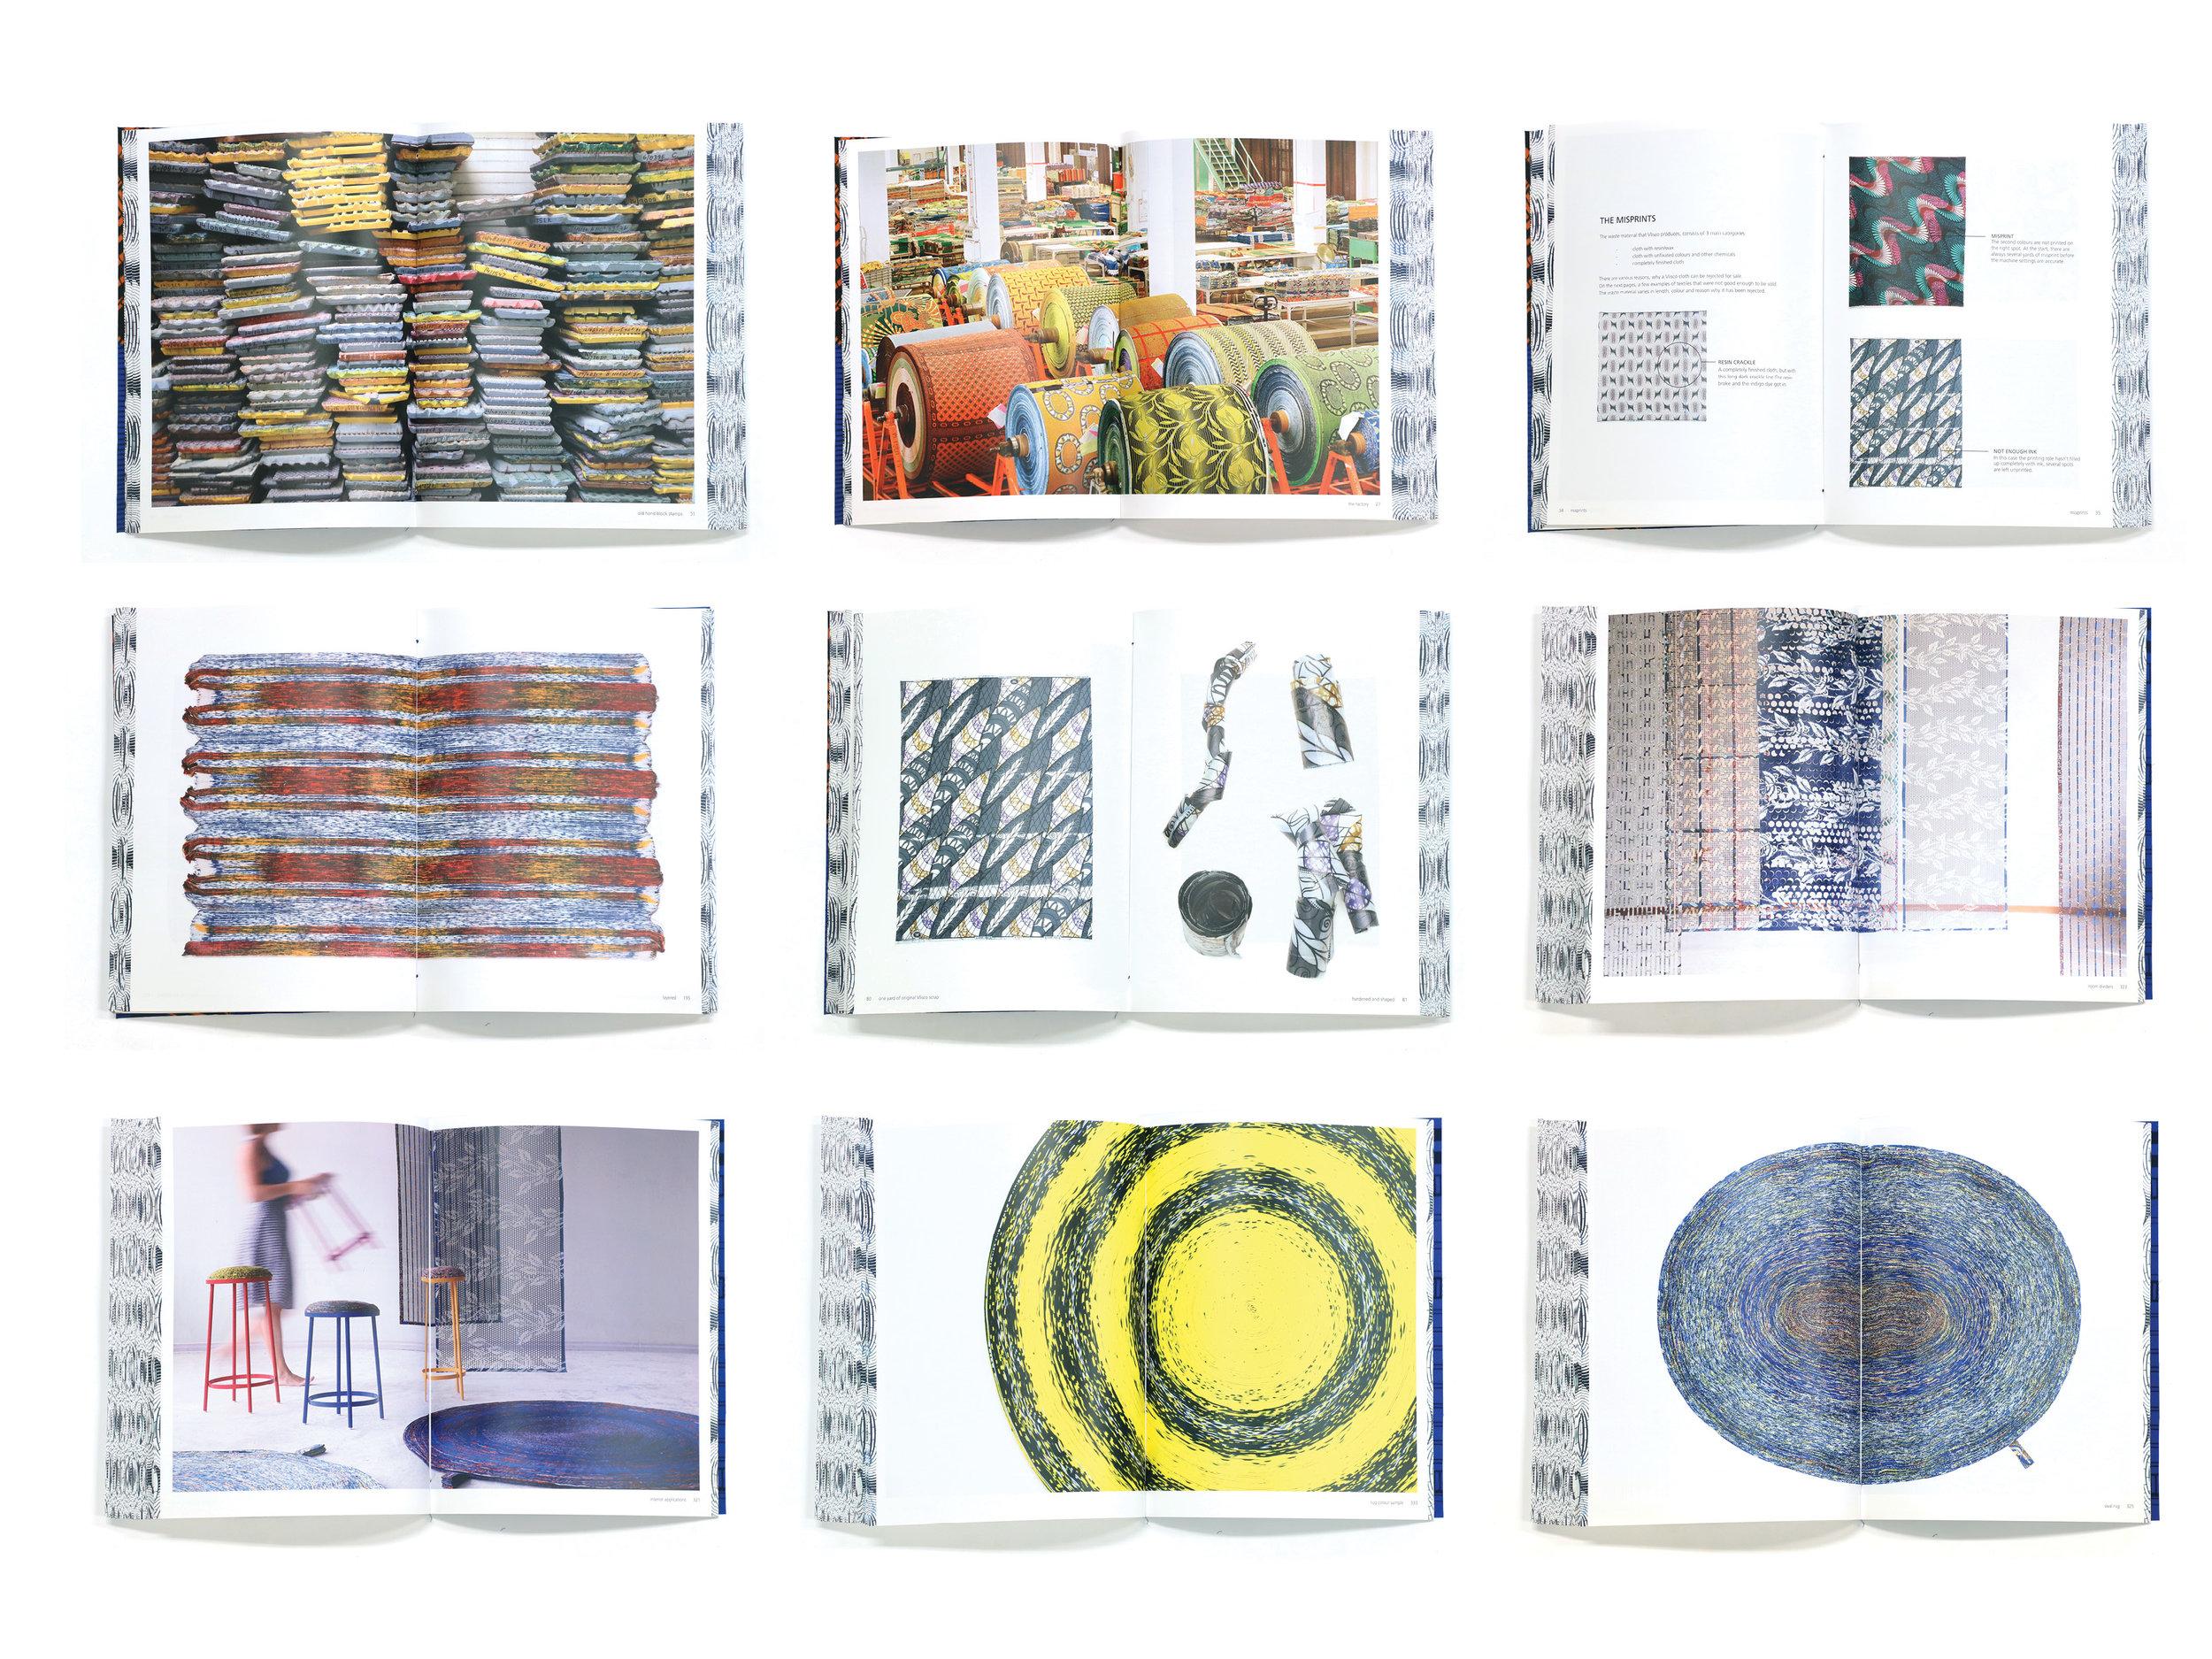 02d51465de36-Book_spreads.jpg